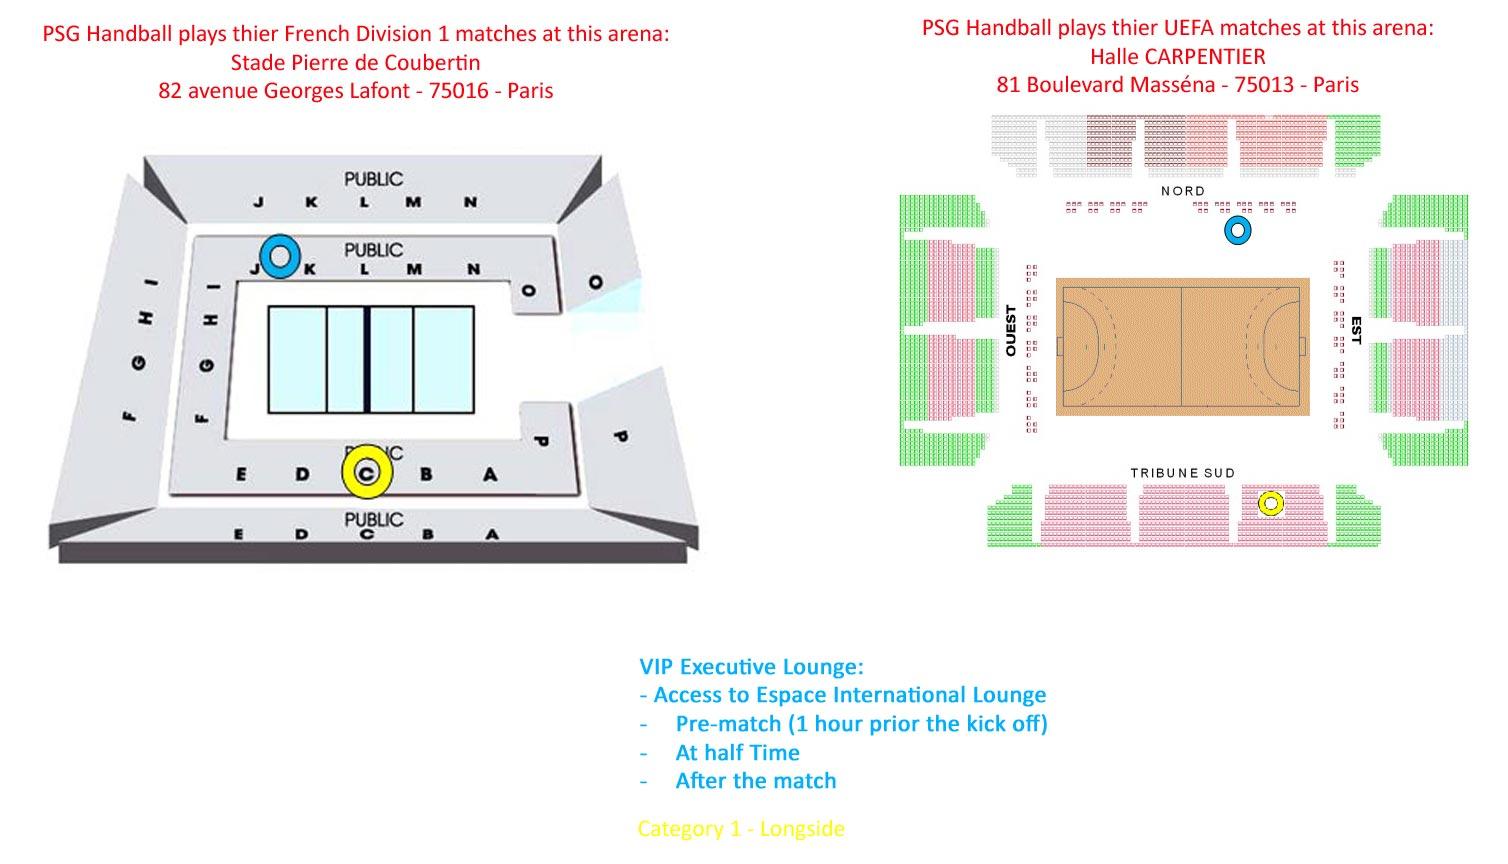 Plano del estadio Pierre de Coubertin / Halle Carpentier